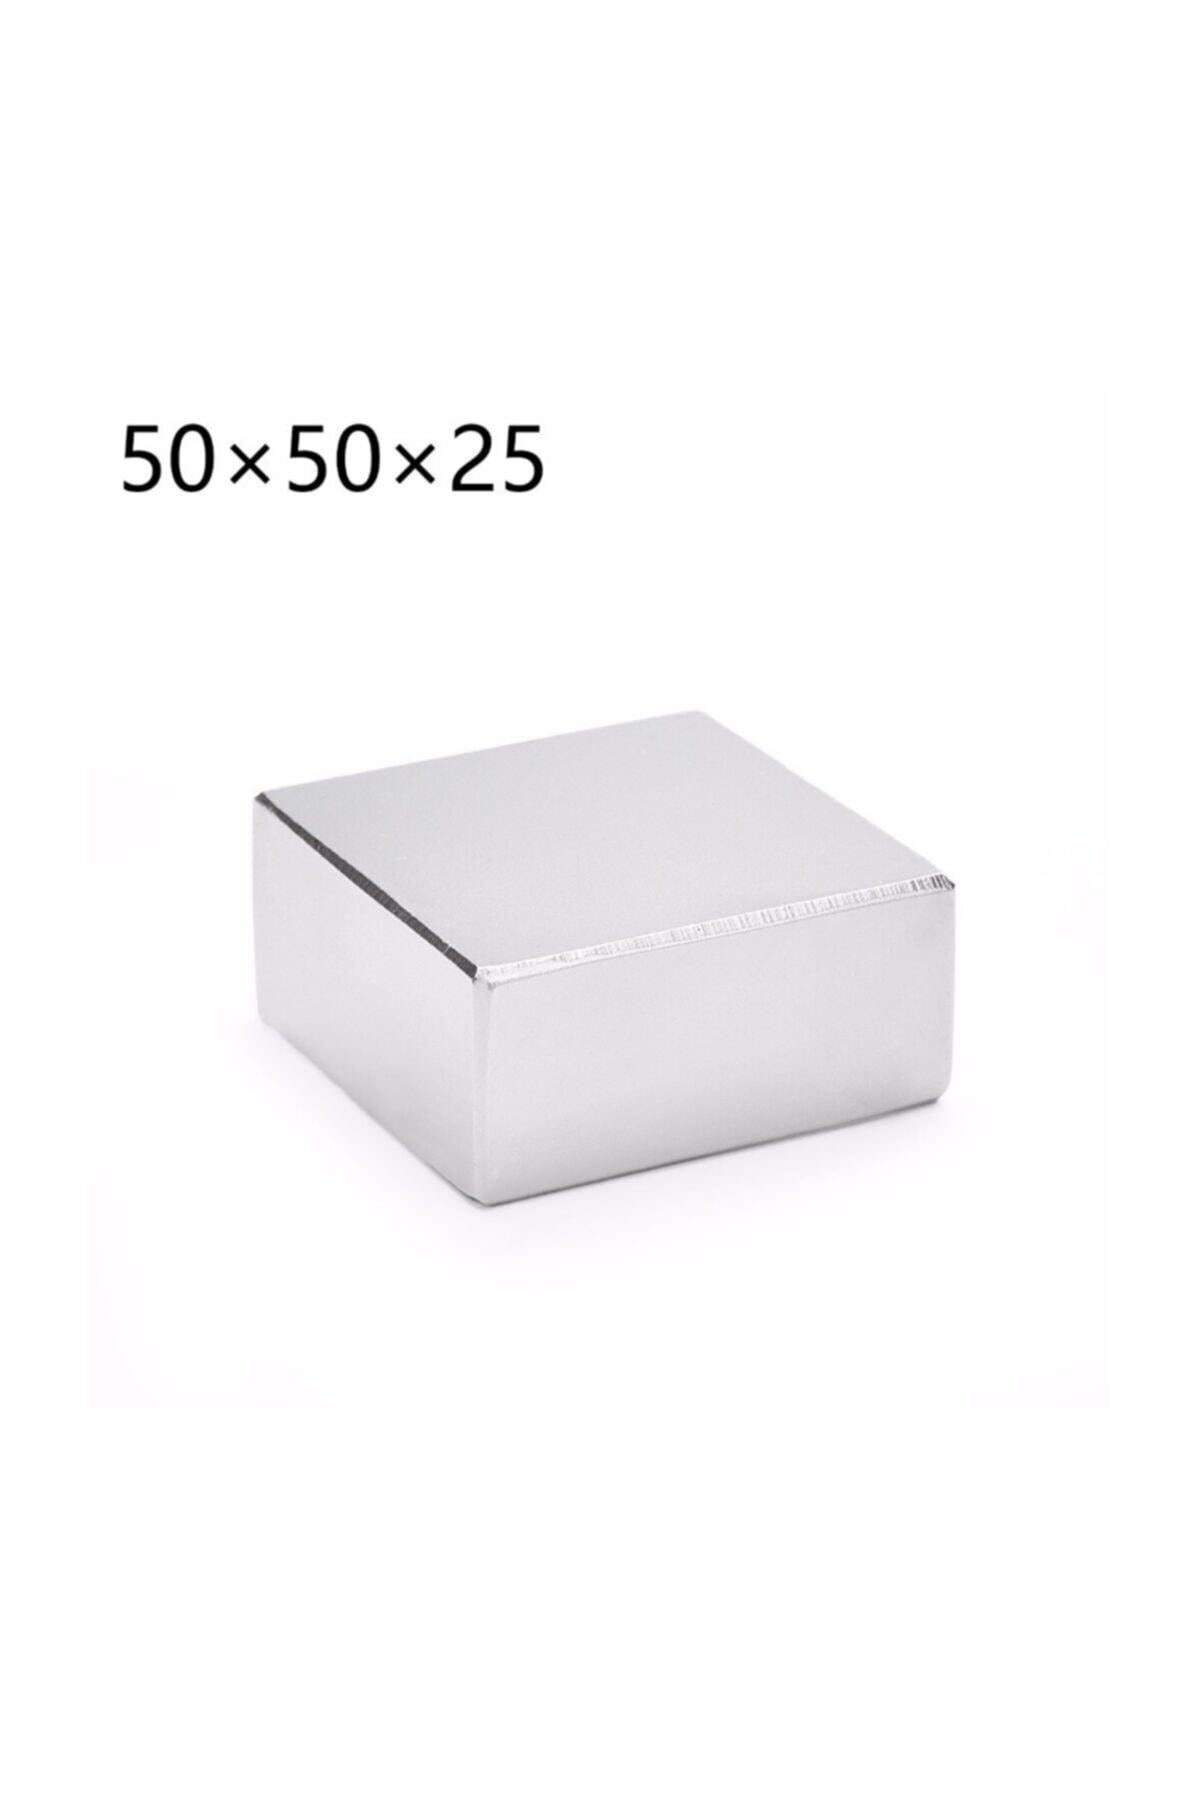 Dünya Magnet ÇOK GÜÇLÜ NEODYUM MIKNATIS, 50mm X 50mm X 25mm Büyük Mıknatıs 2